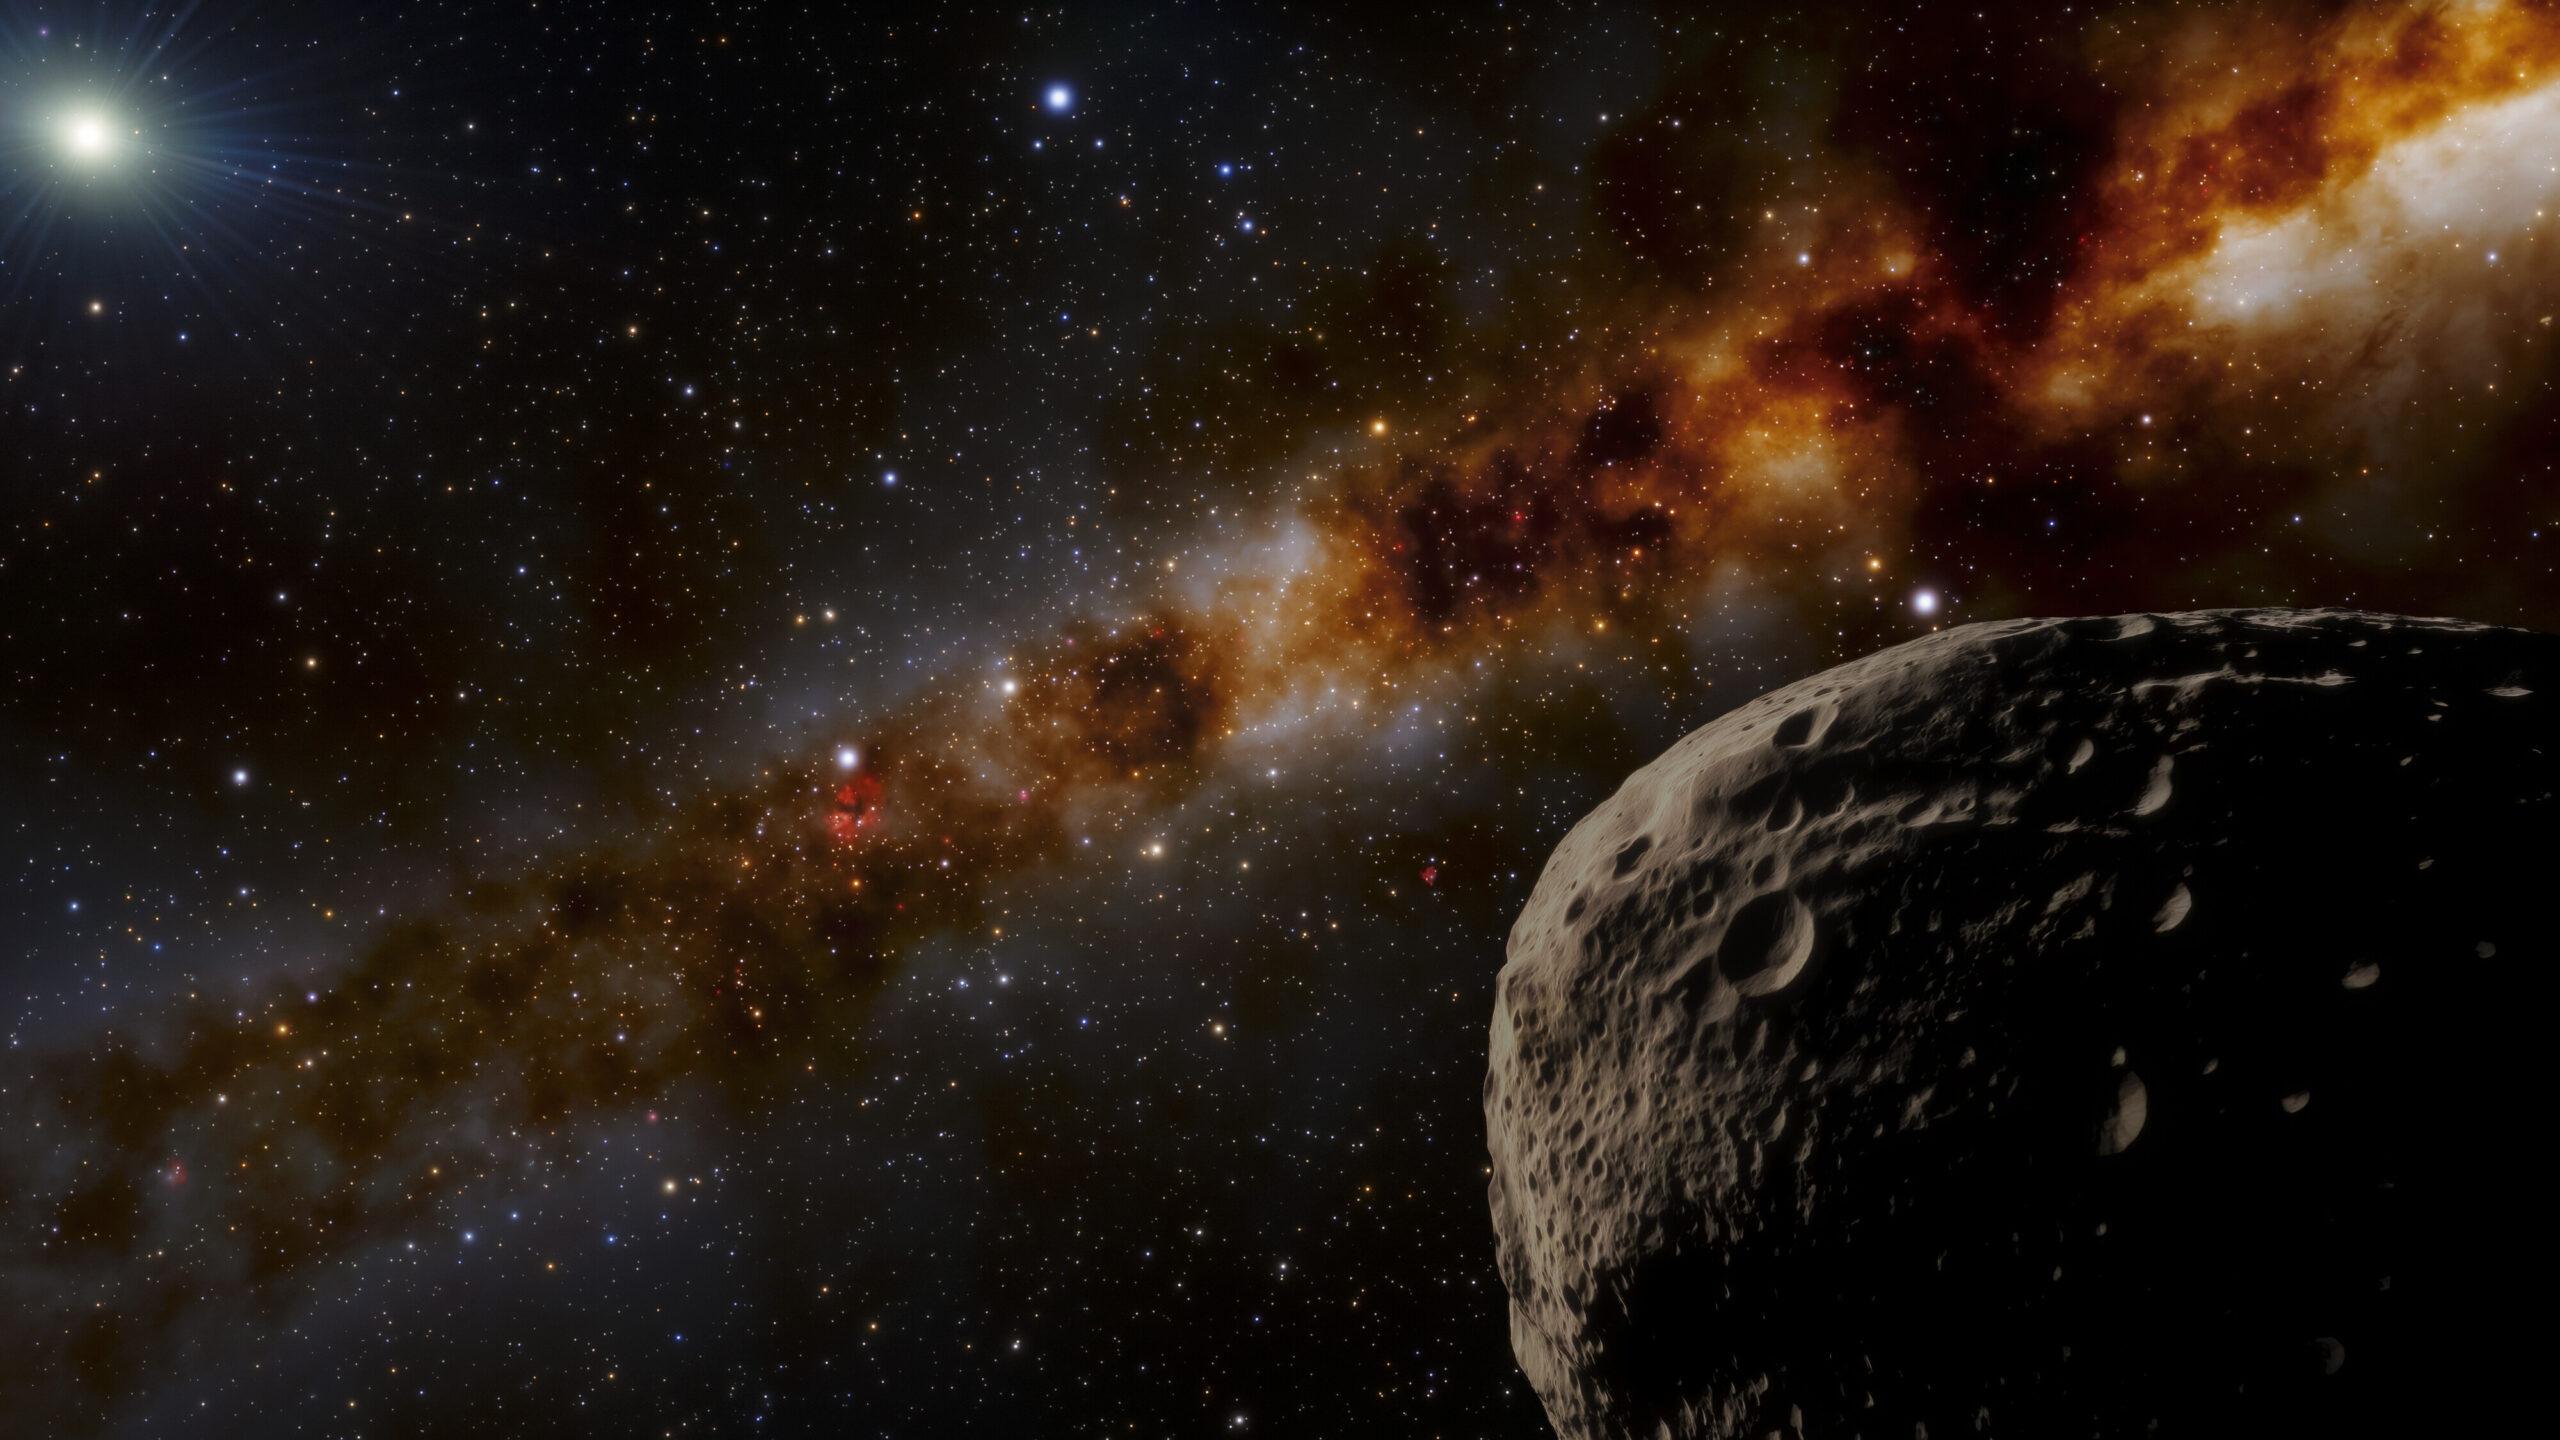 objeto mais distante do sistema solar